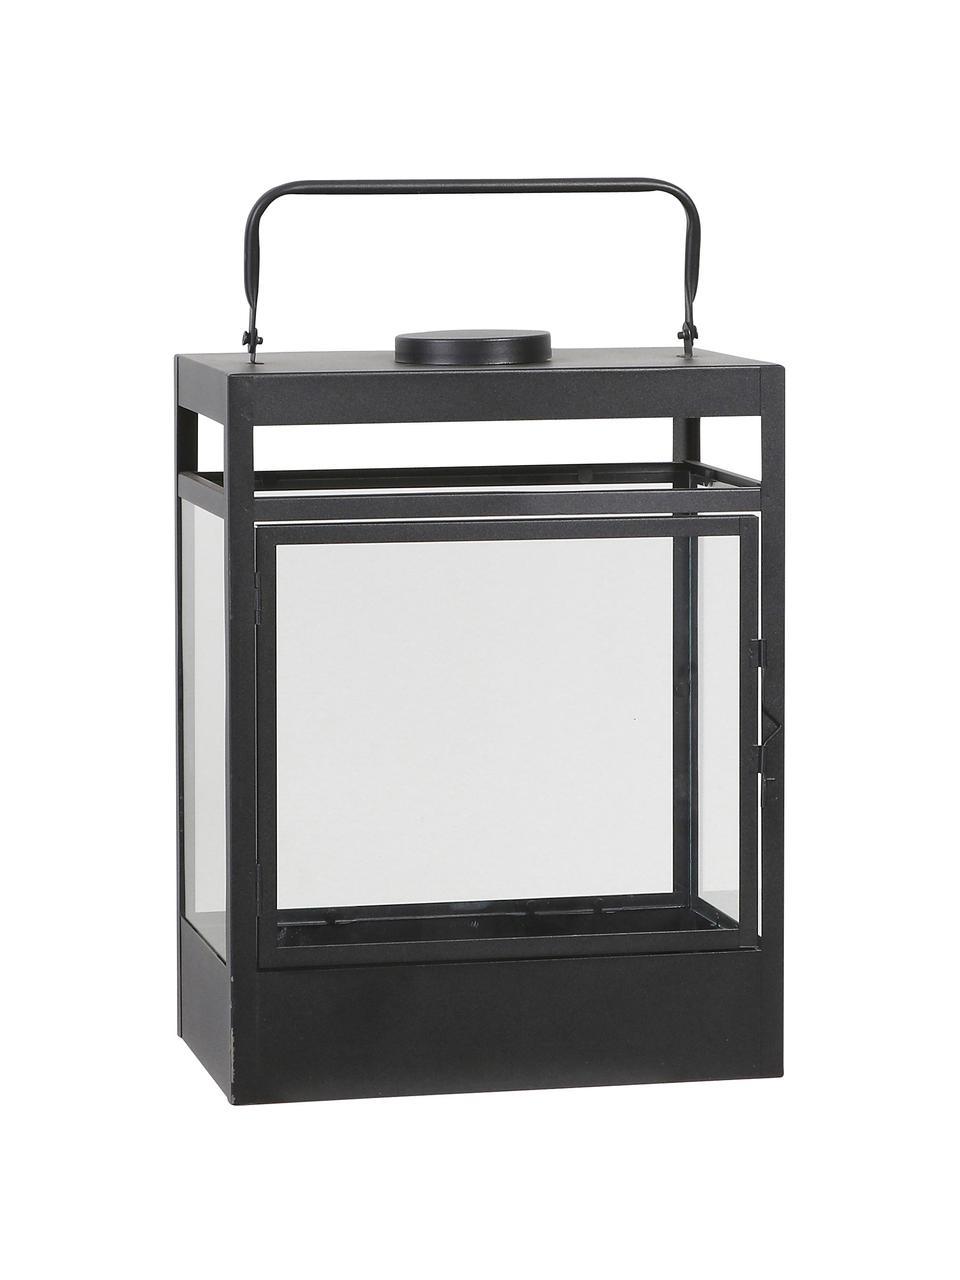 Mobile batteriebetriebene LED-Laterne Flint, Gestell: Metall, beschichtet, Schwarz, 38 x 18 cm